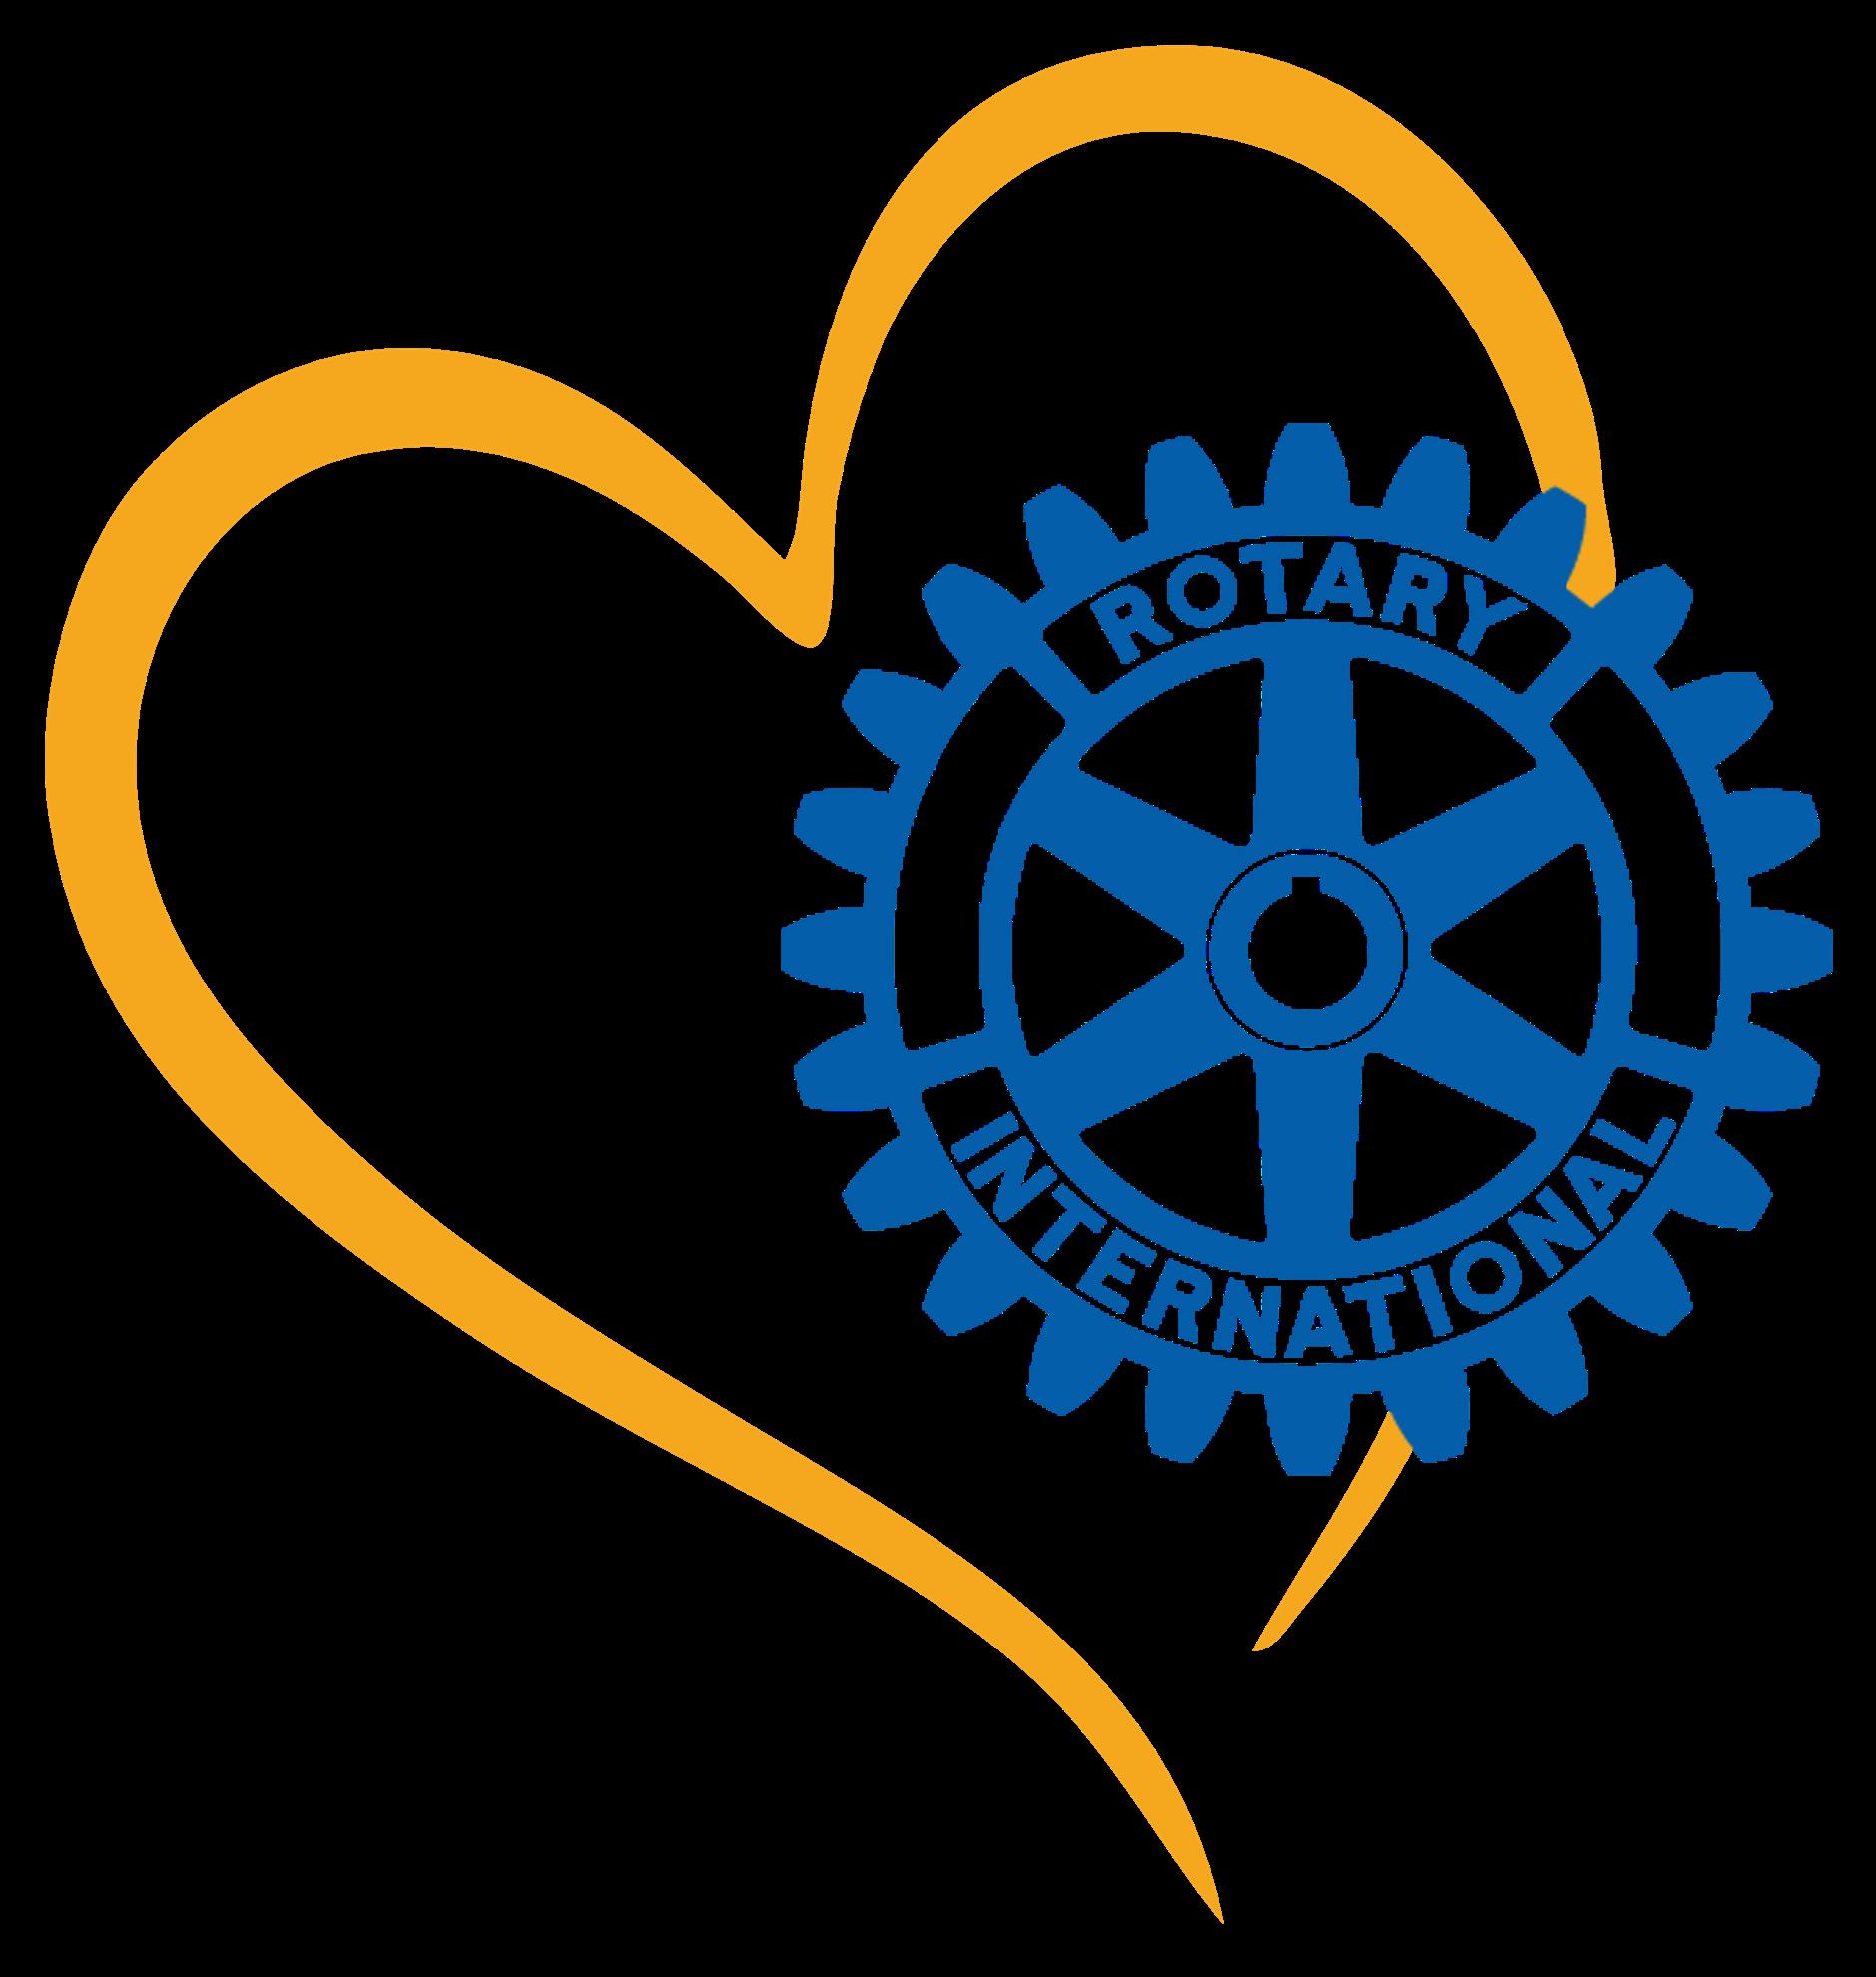 Gander logo